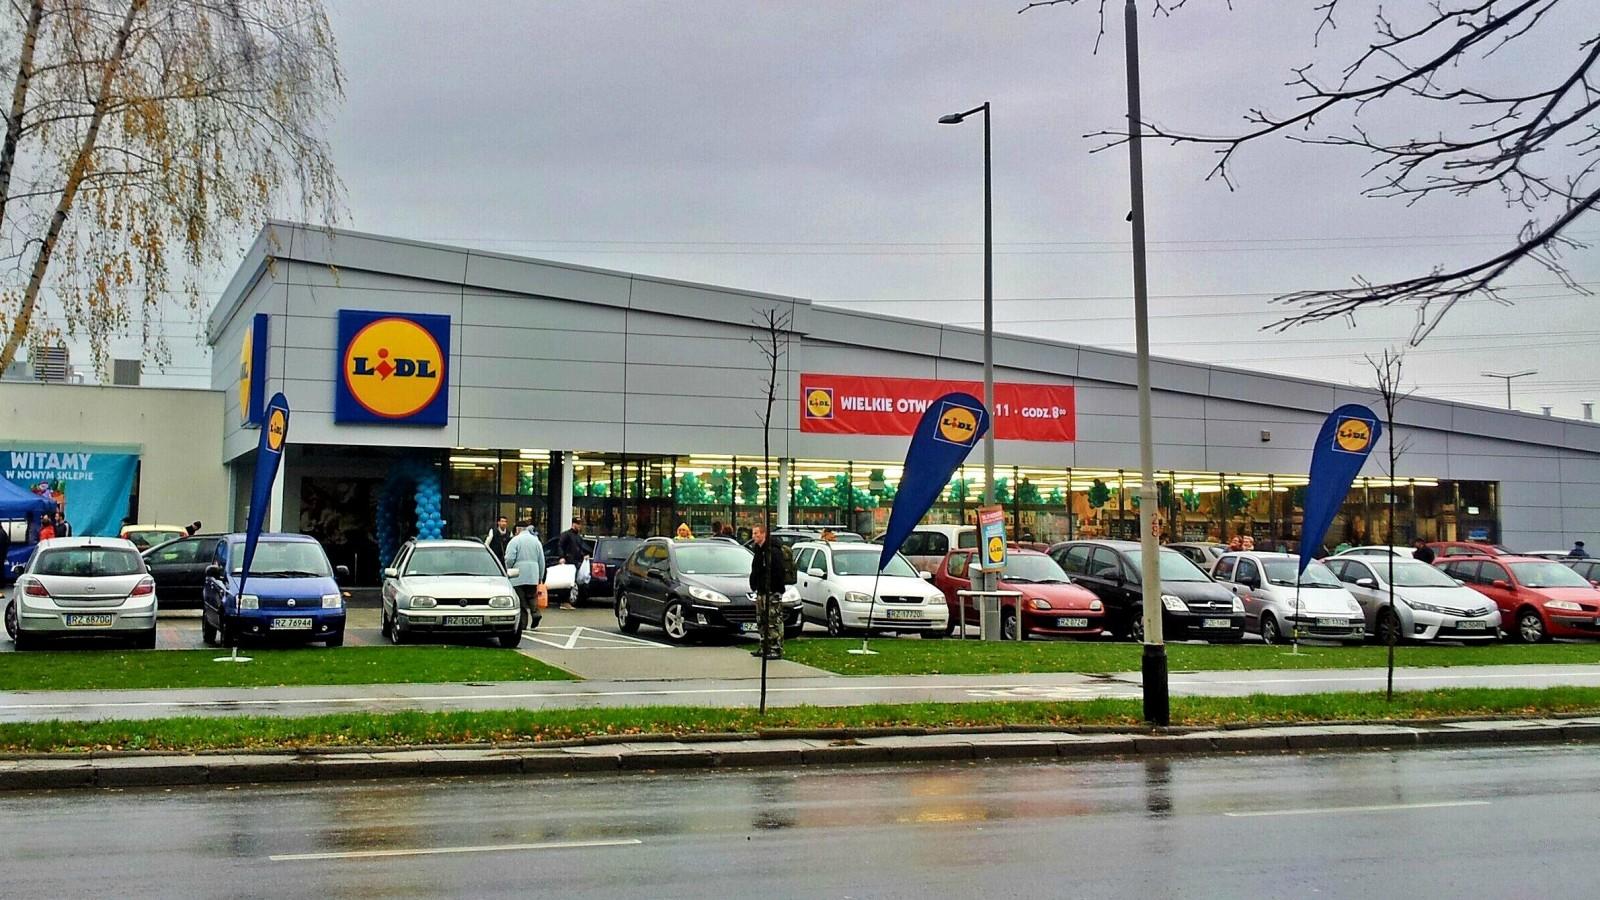 lidl uk Noutăți vezi pe surprizelidlro lidl se situează în topul magazinelor alimentare din românia activitatea noastră se bazează pe simplitate şi este orientată către client prețuri exprimate în lei cu.